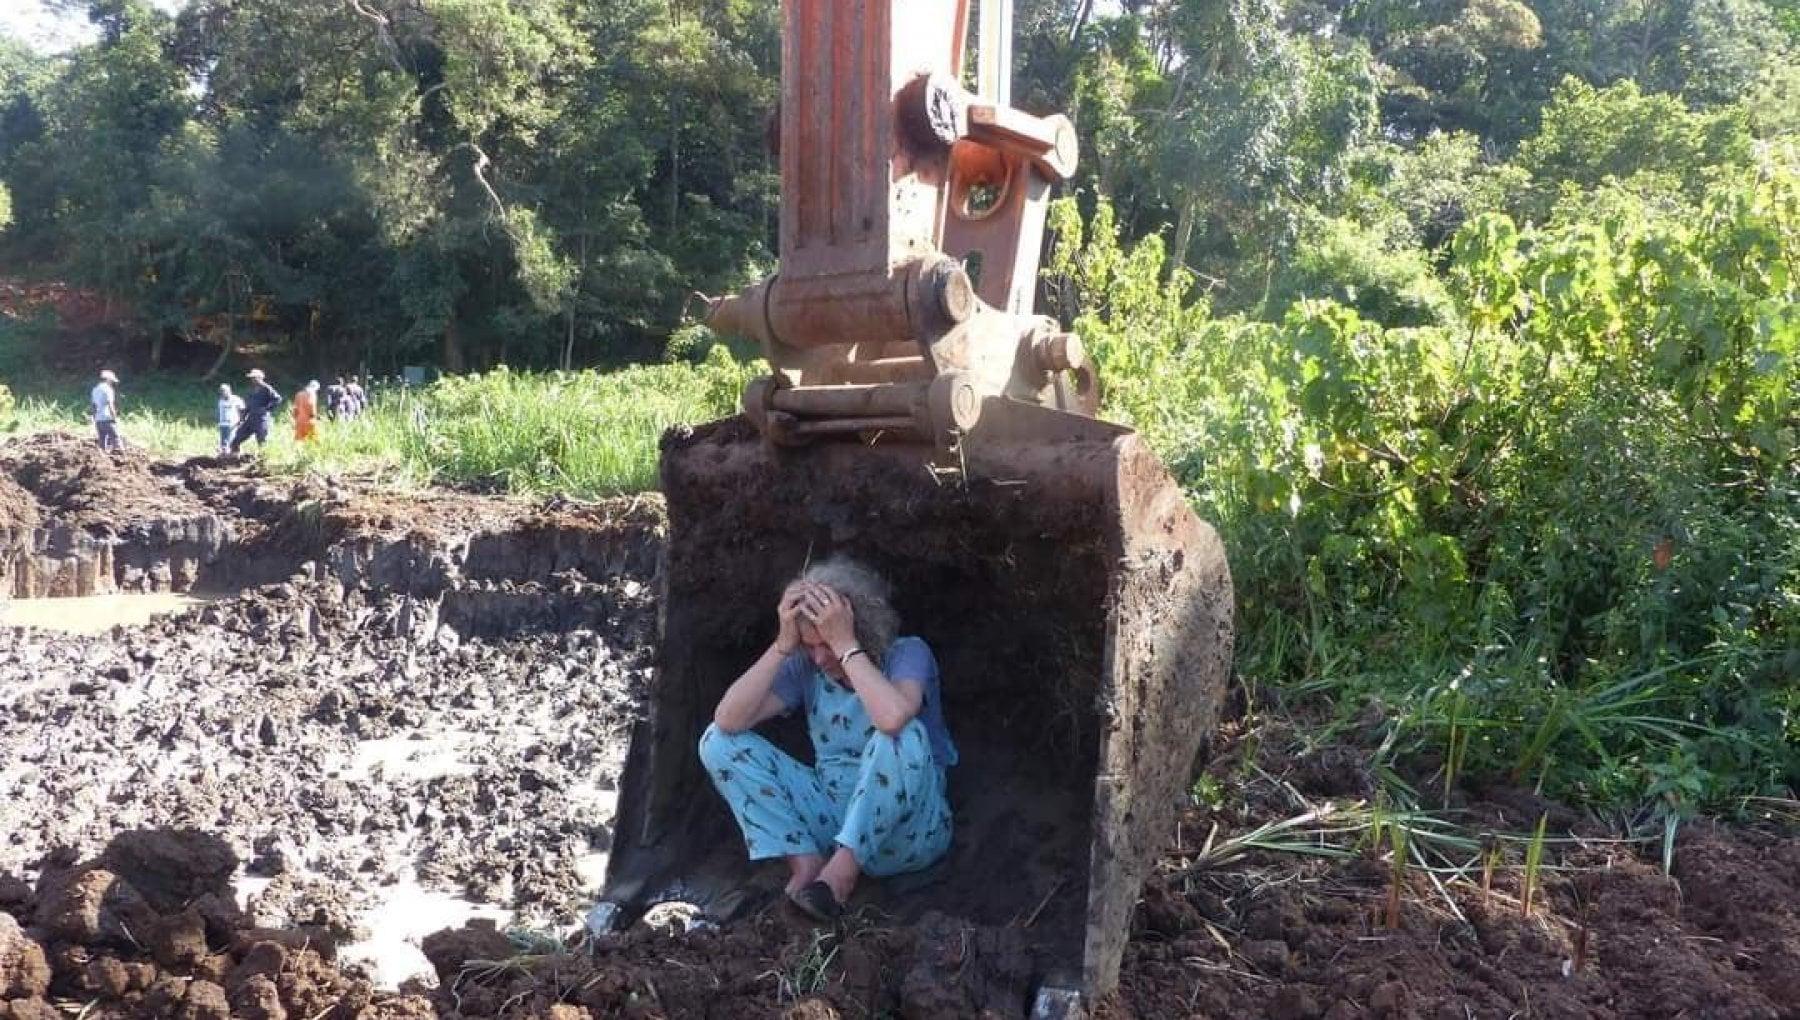 104447090 219f0128 2881 451a 9b70 de2f13f4fcd8 - Kenya, uccisa l'ambientalista Stutchbury: fermò le ruspe nella foresta Kiambu